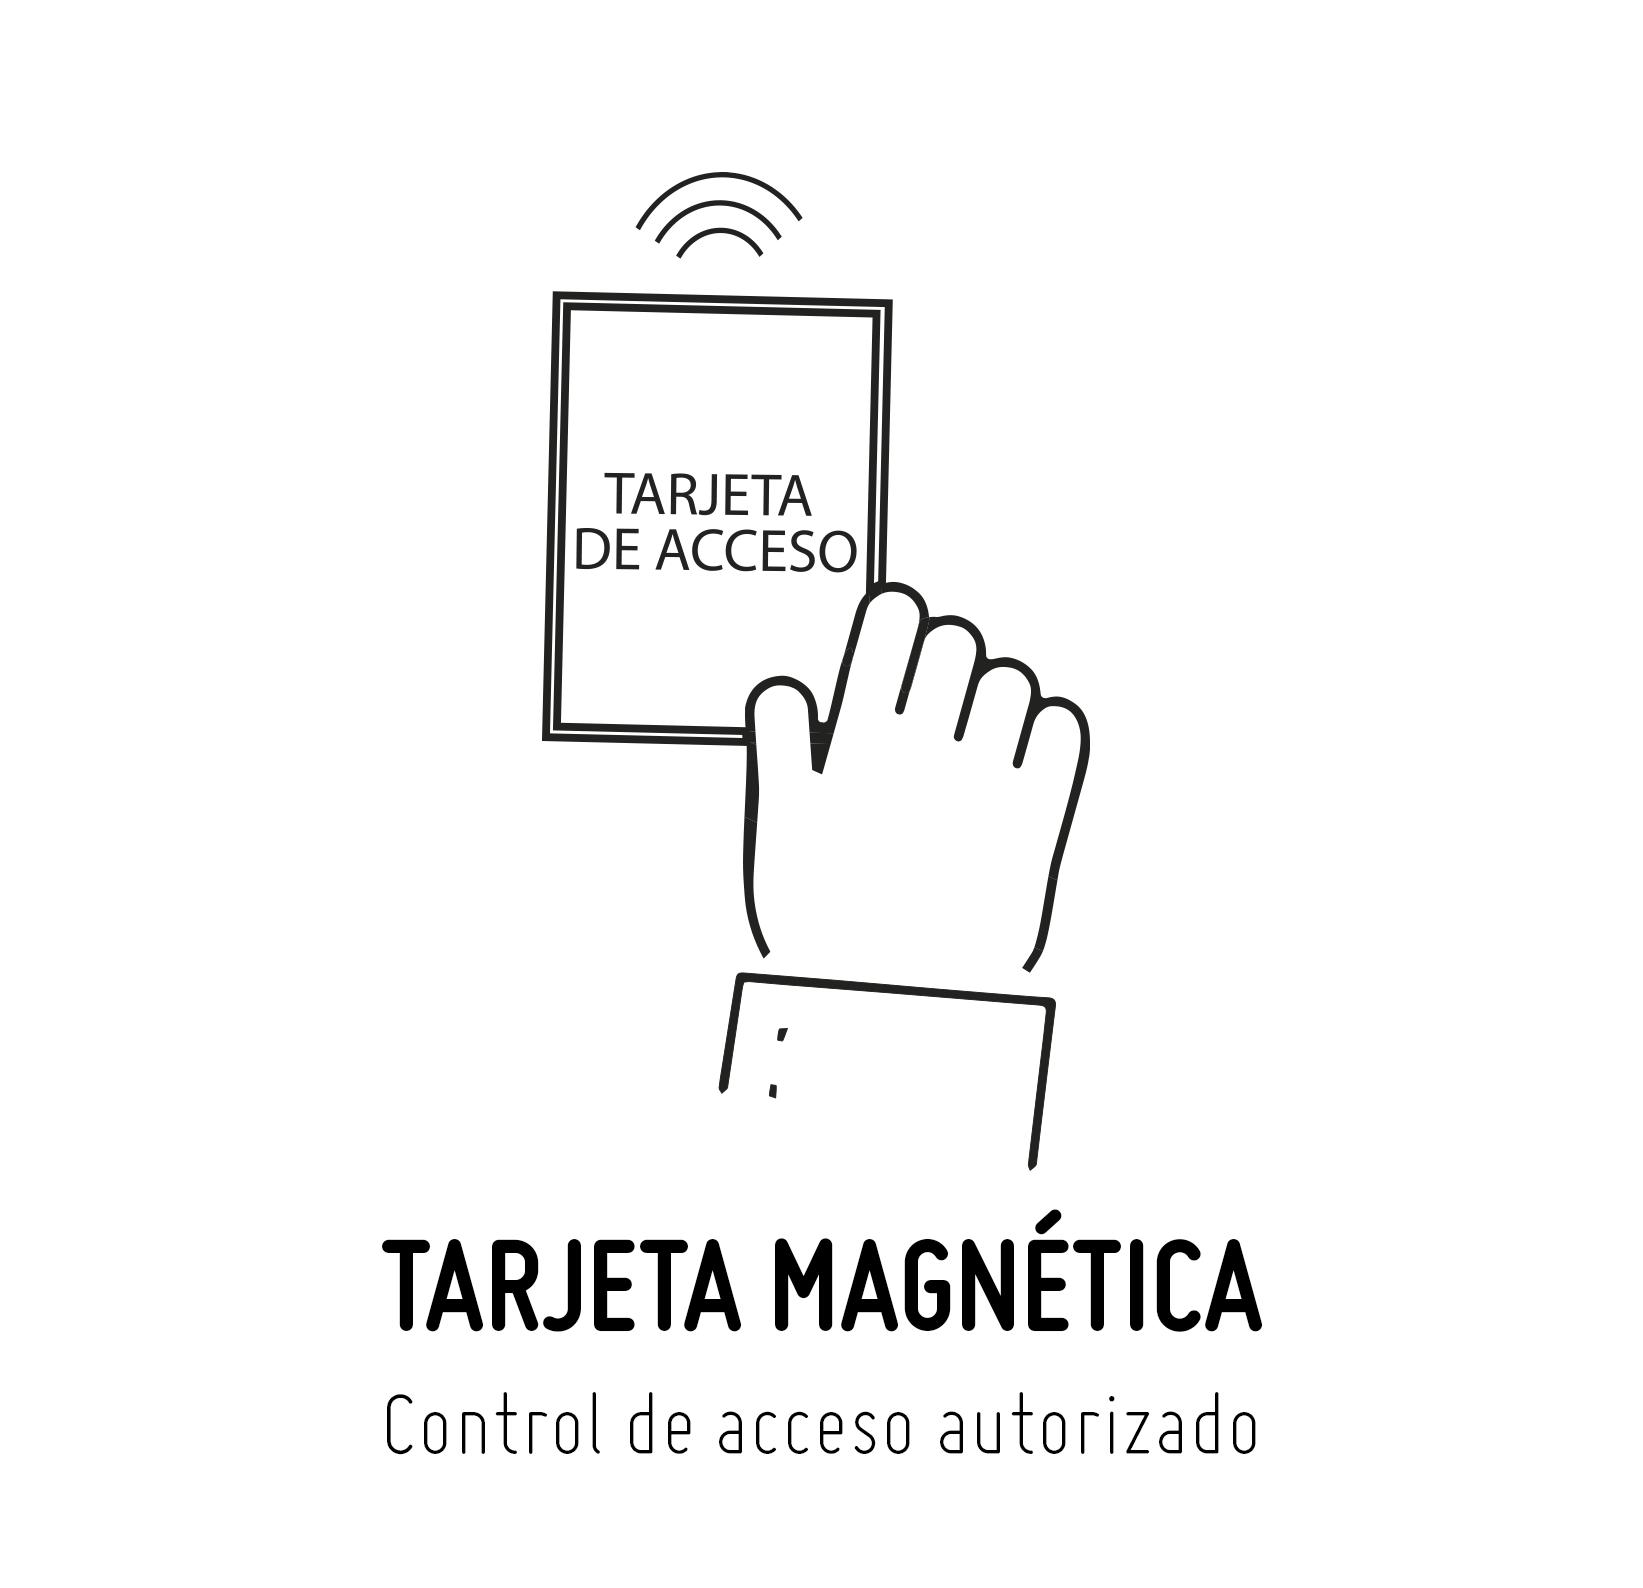 miniatura-tarjeta-magnetica